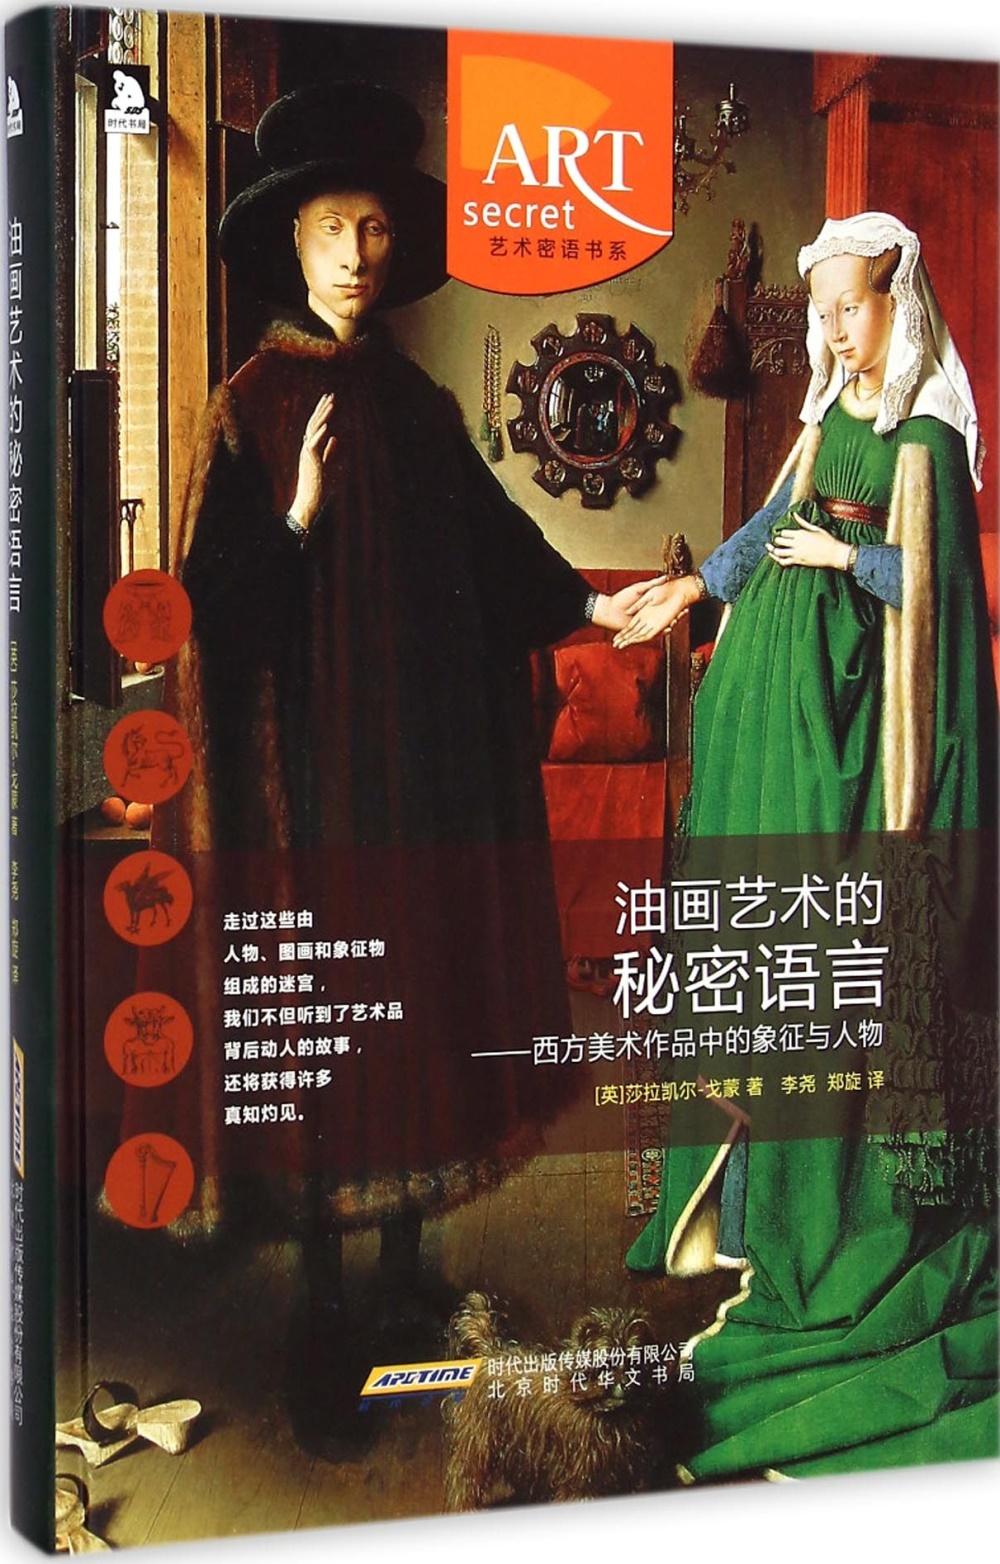 油畫藝術的秘密語言:西方美術作品中的象征與人物